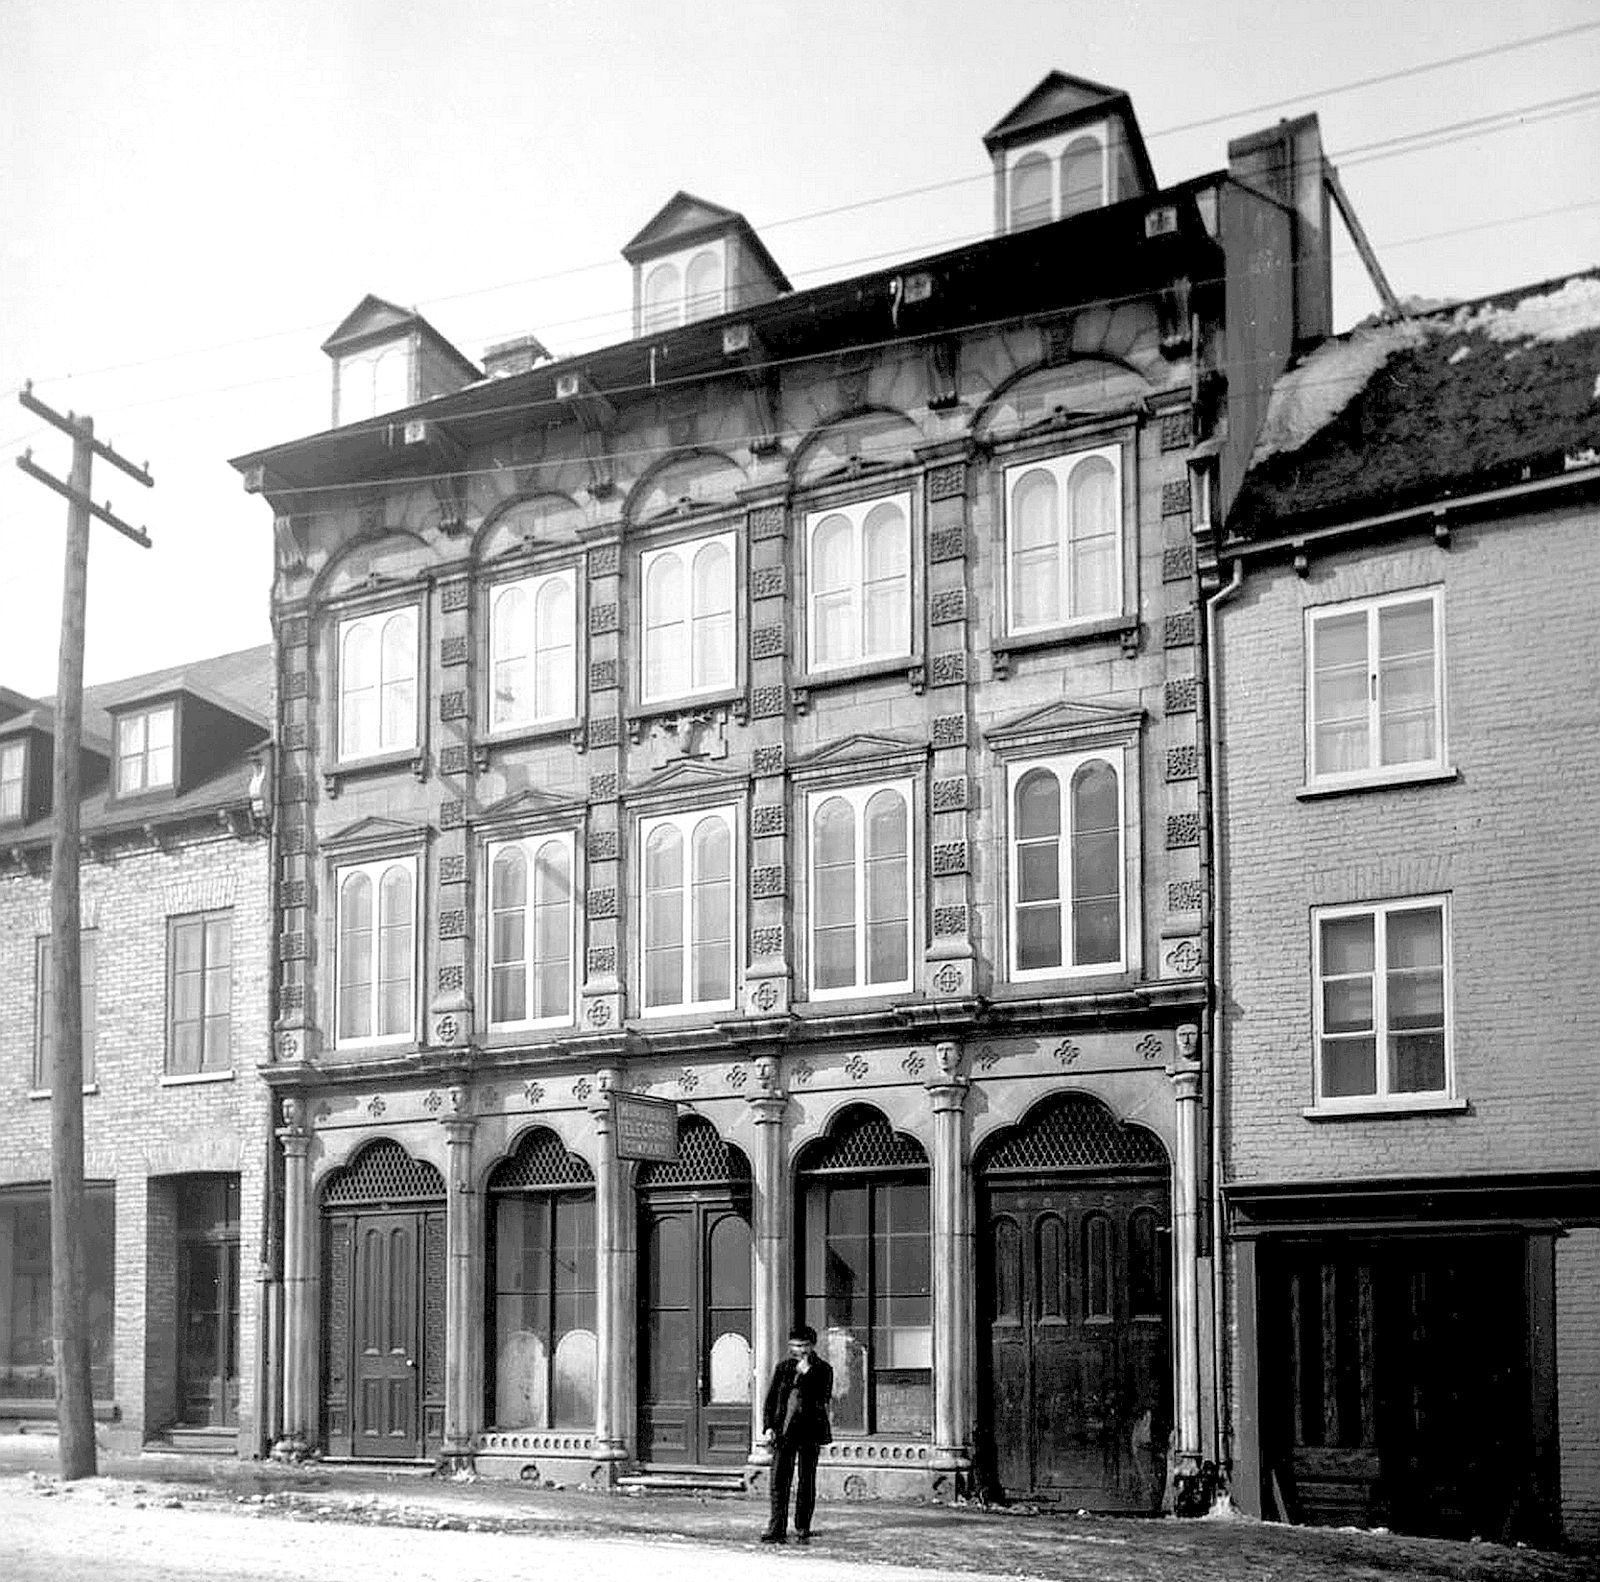 Vue Du 772 774 Rue Saint Jean A Quebec Avant 1898 Quebec City Trois Rivieres Quebec